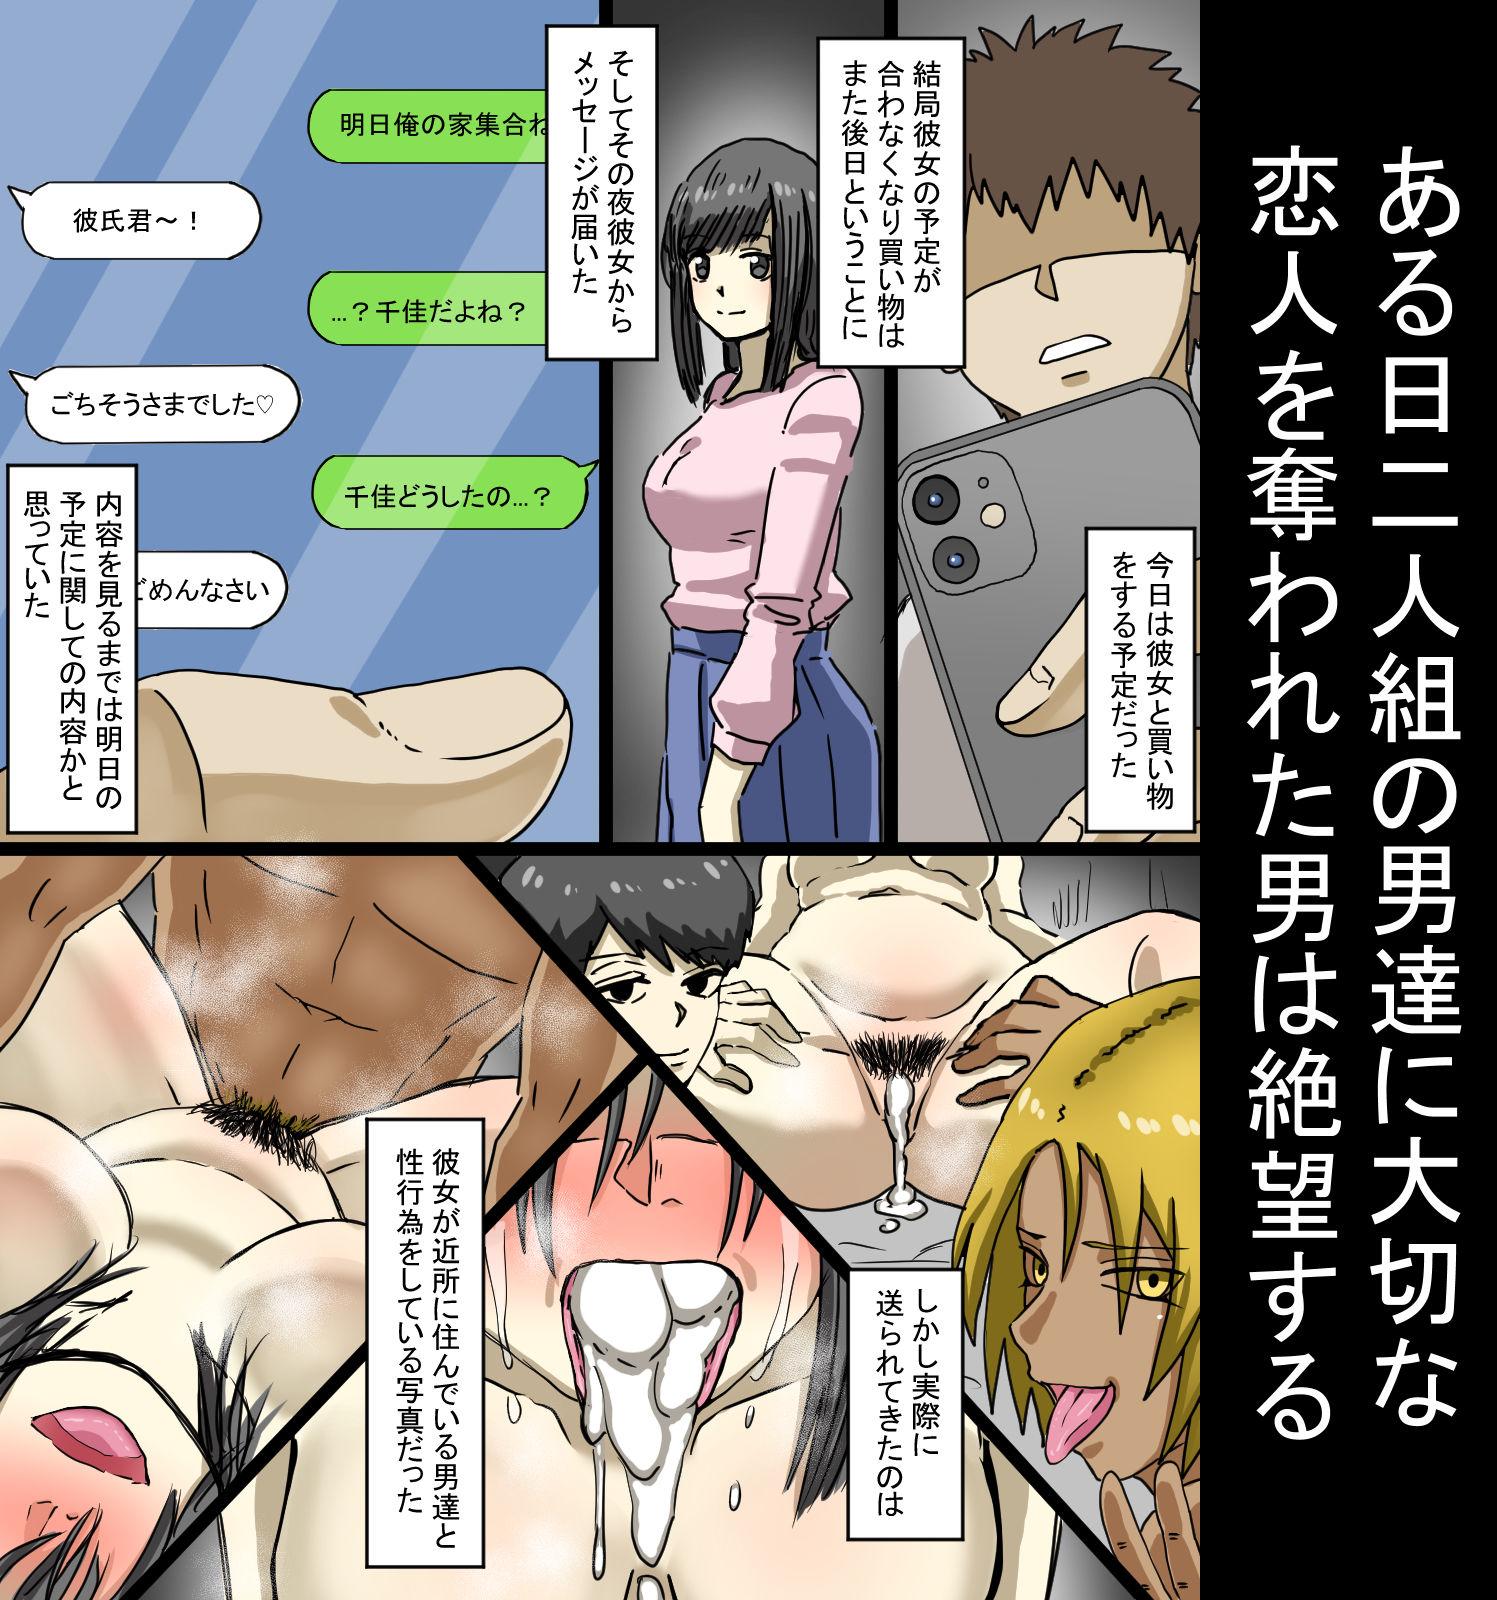 恋人を寝取った奴らを性転換薬で女にして身も心も壊し尽くす話のサンプル画像2